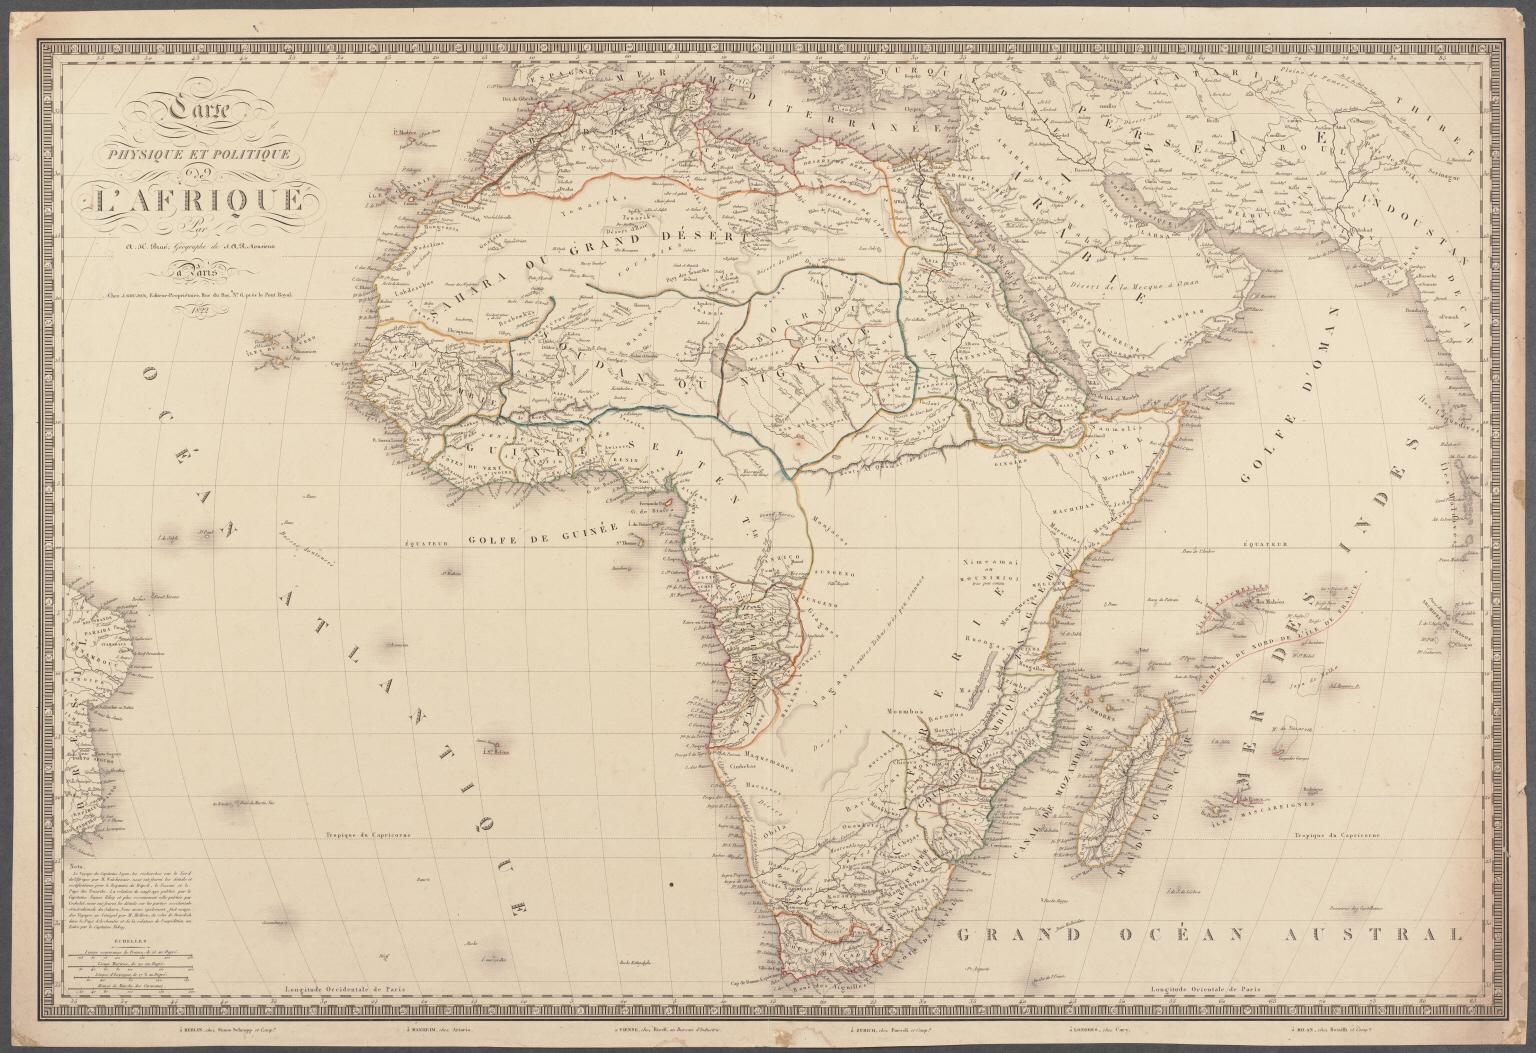 Carte Physique et Politique de L'Afrique.